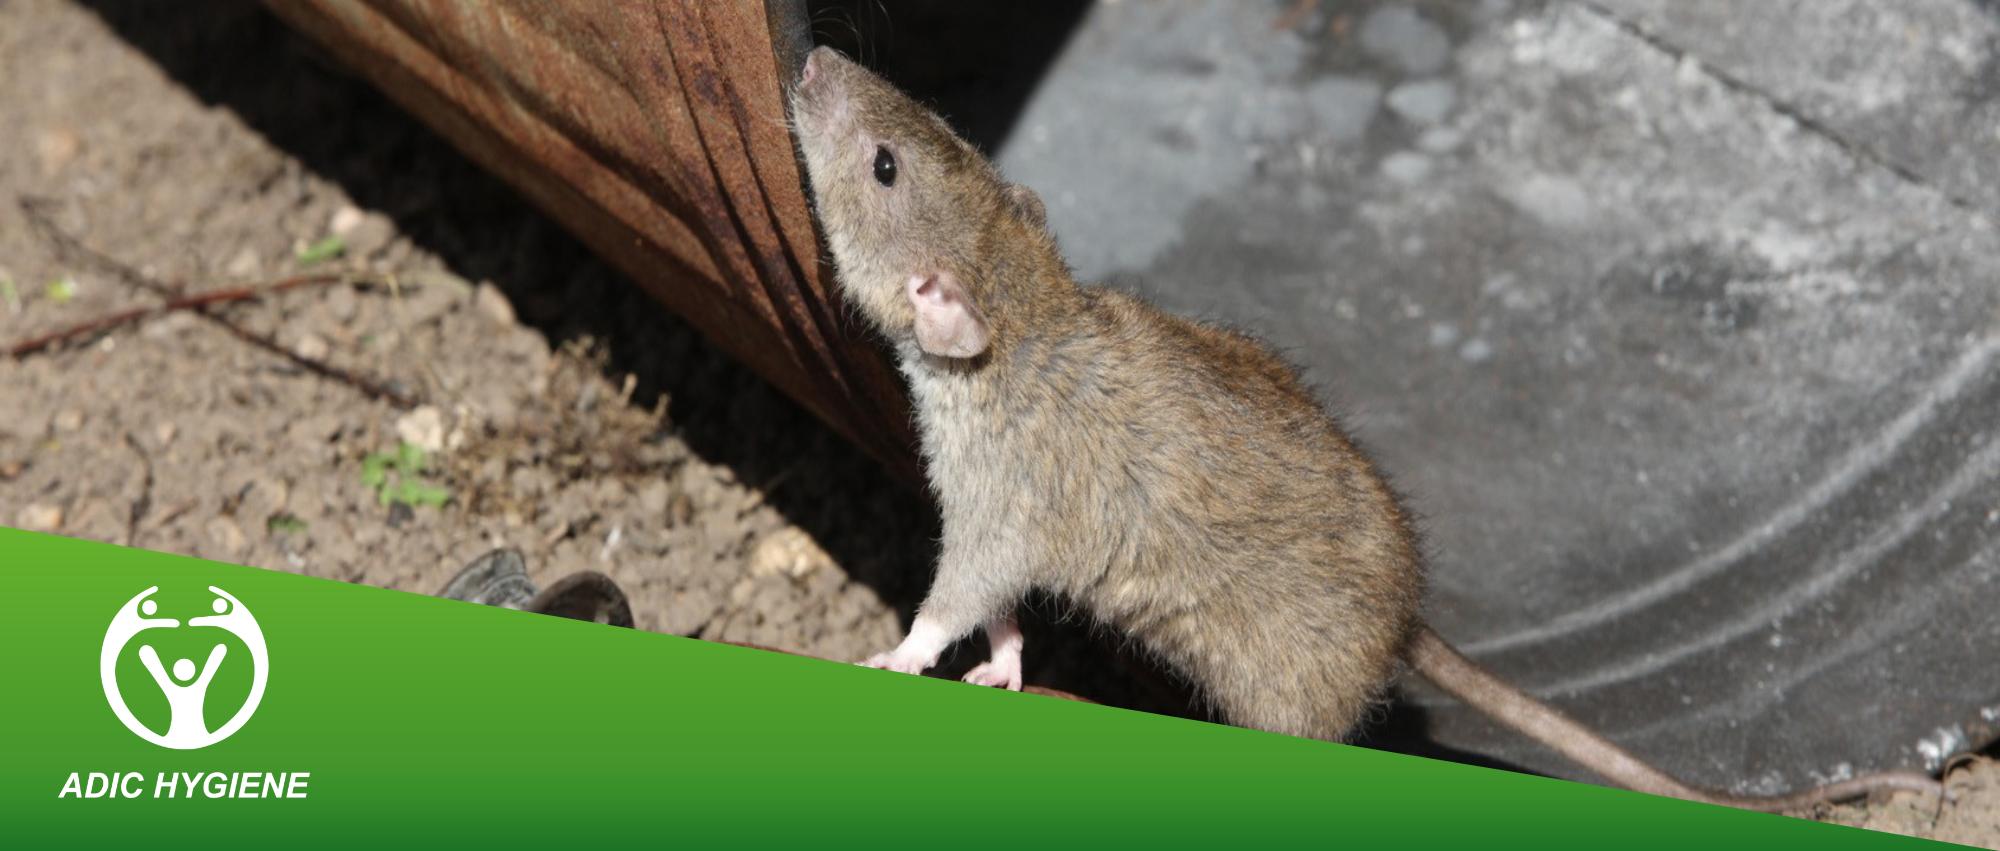 Dératisation à Rabat Maroc - ADIC HYGIÈNE société anti nuisible dératisation désinfection lutter contre les souris